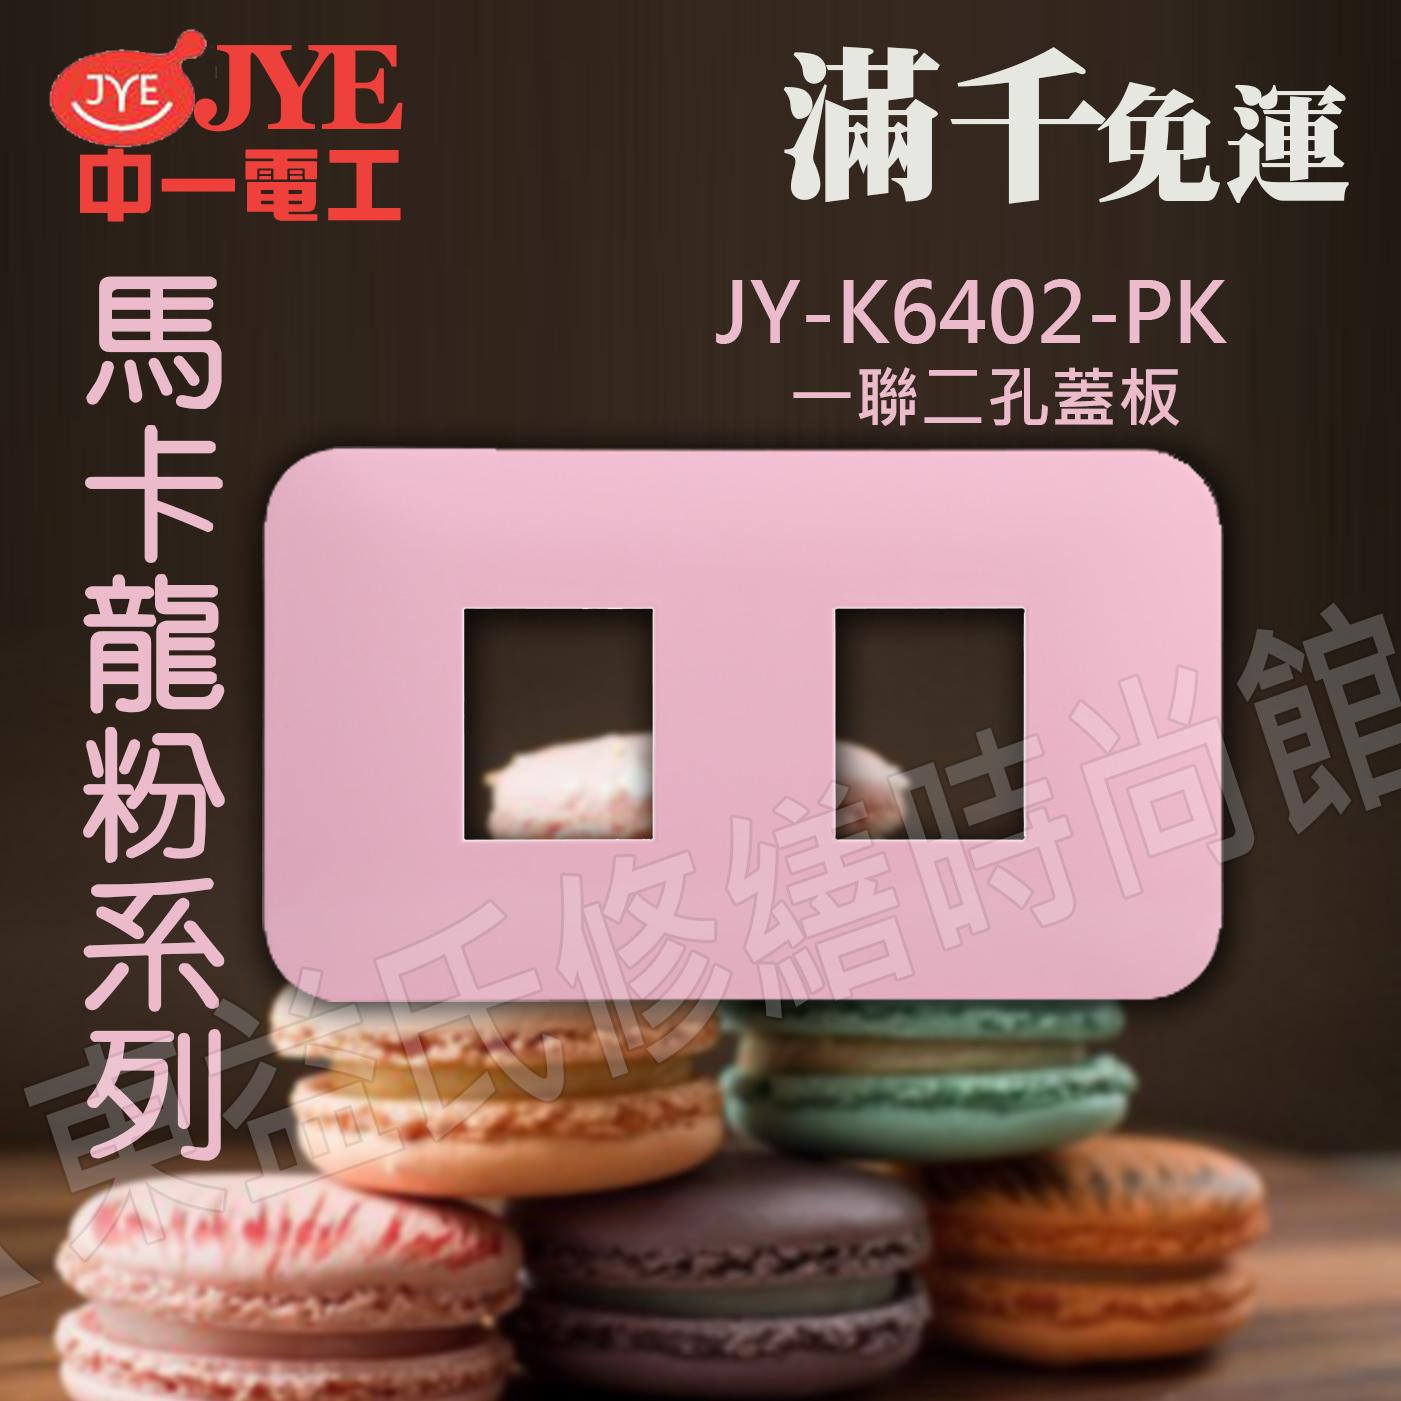 【東益氏】中一電工時尚系列-馬卡龍粉-JY-K6402-PK 一聯二孔蓋板 另售Panasonic GLATIMA全系列 星光全系列 開關 插座 蓋板